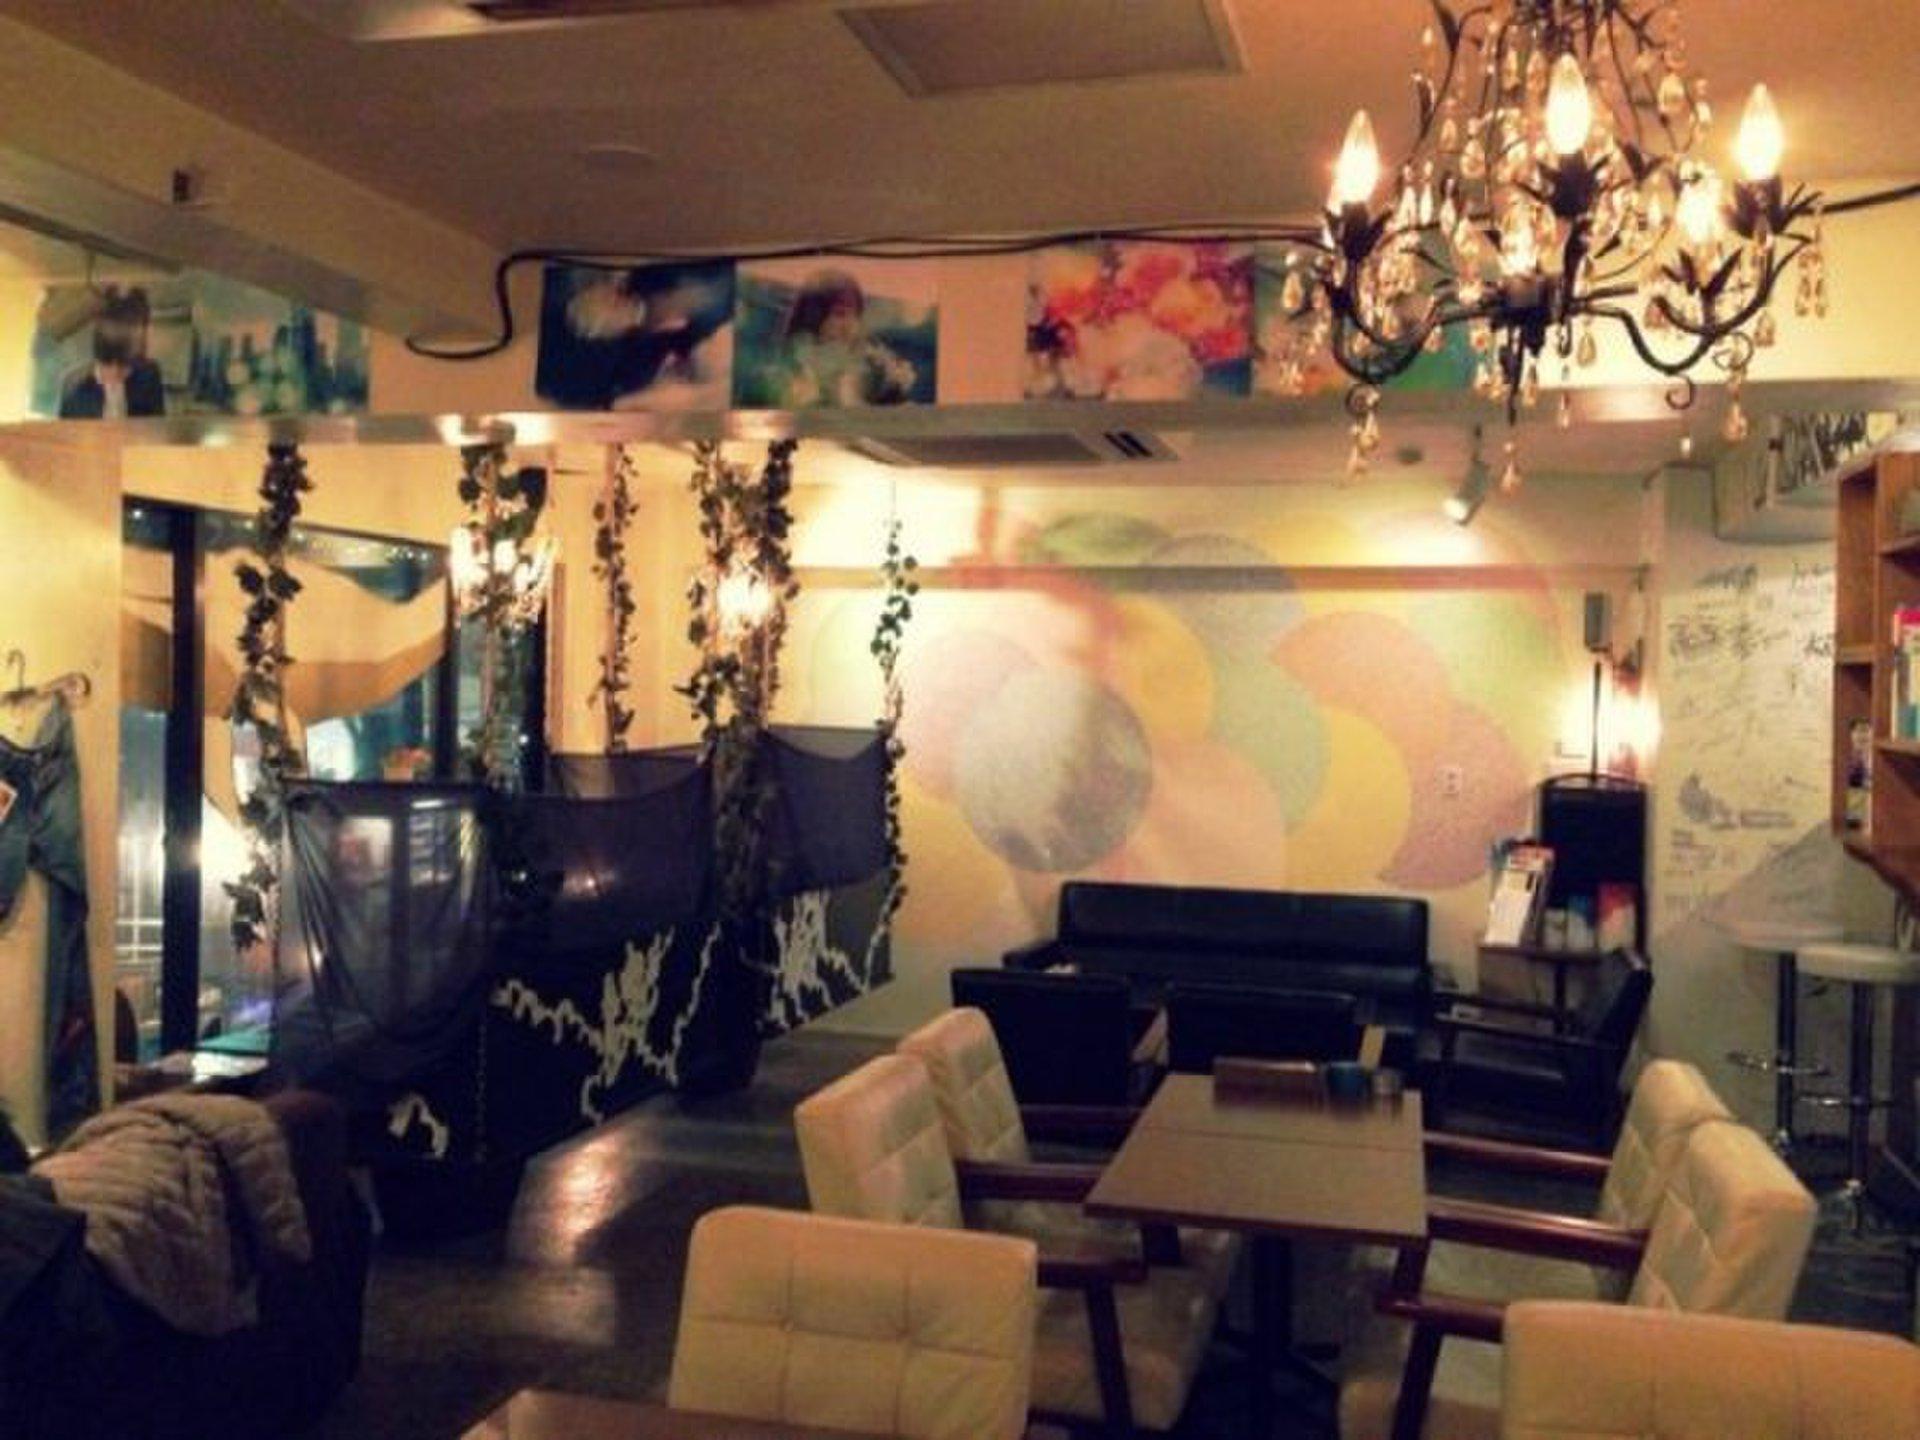 【渋谷でおしゃれカフェデート】穴場のおすすめカフェスポット!ソファー席でゆったり